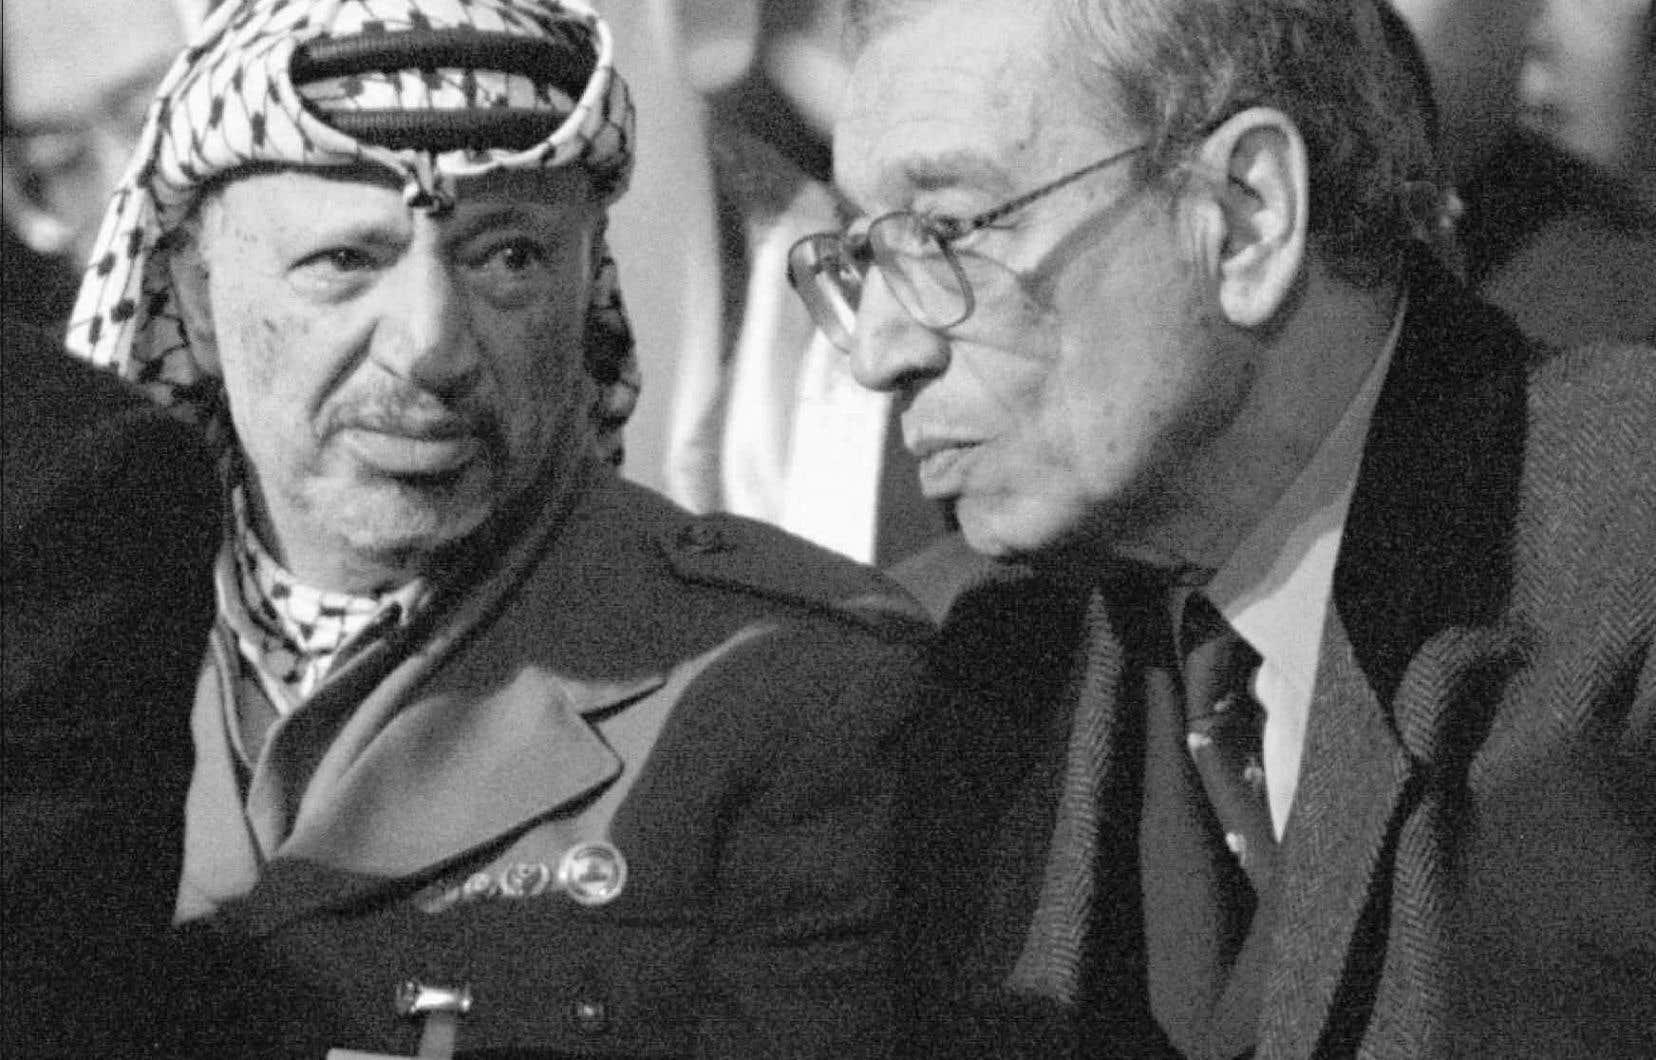 Le leader de l'autorité palestinienne, Yasser Arafat, et le sixième secrétaire général de l'ONU, Boutros Boutros-Ghali, en janvier 1996